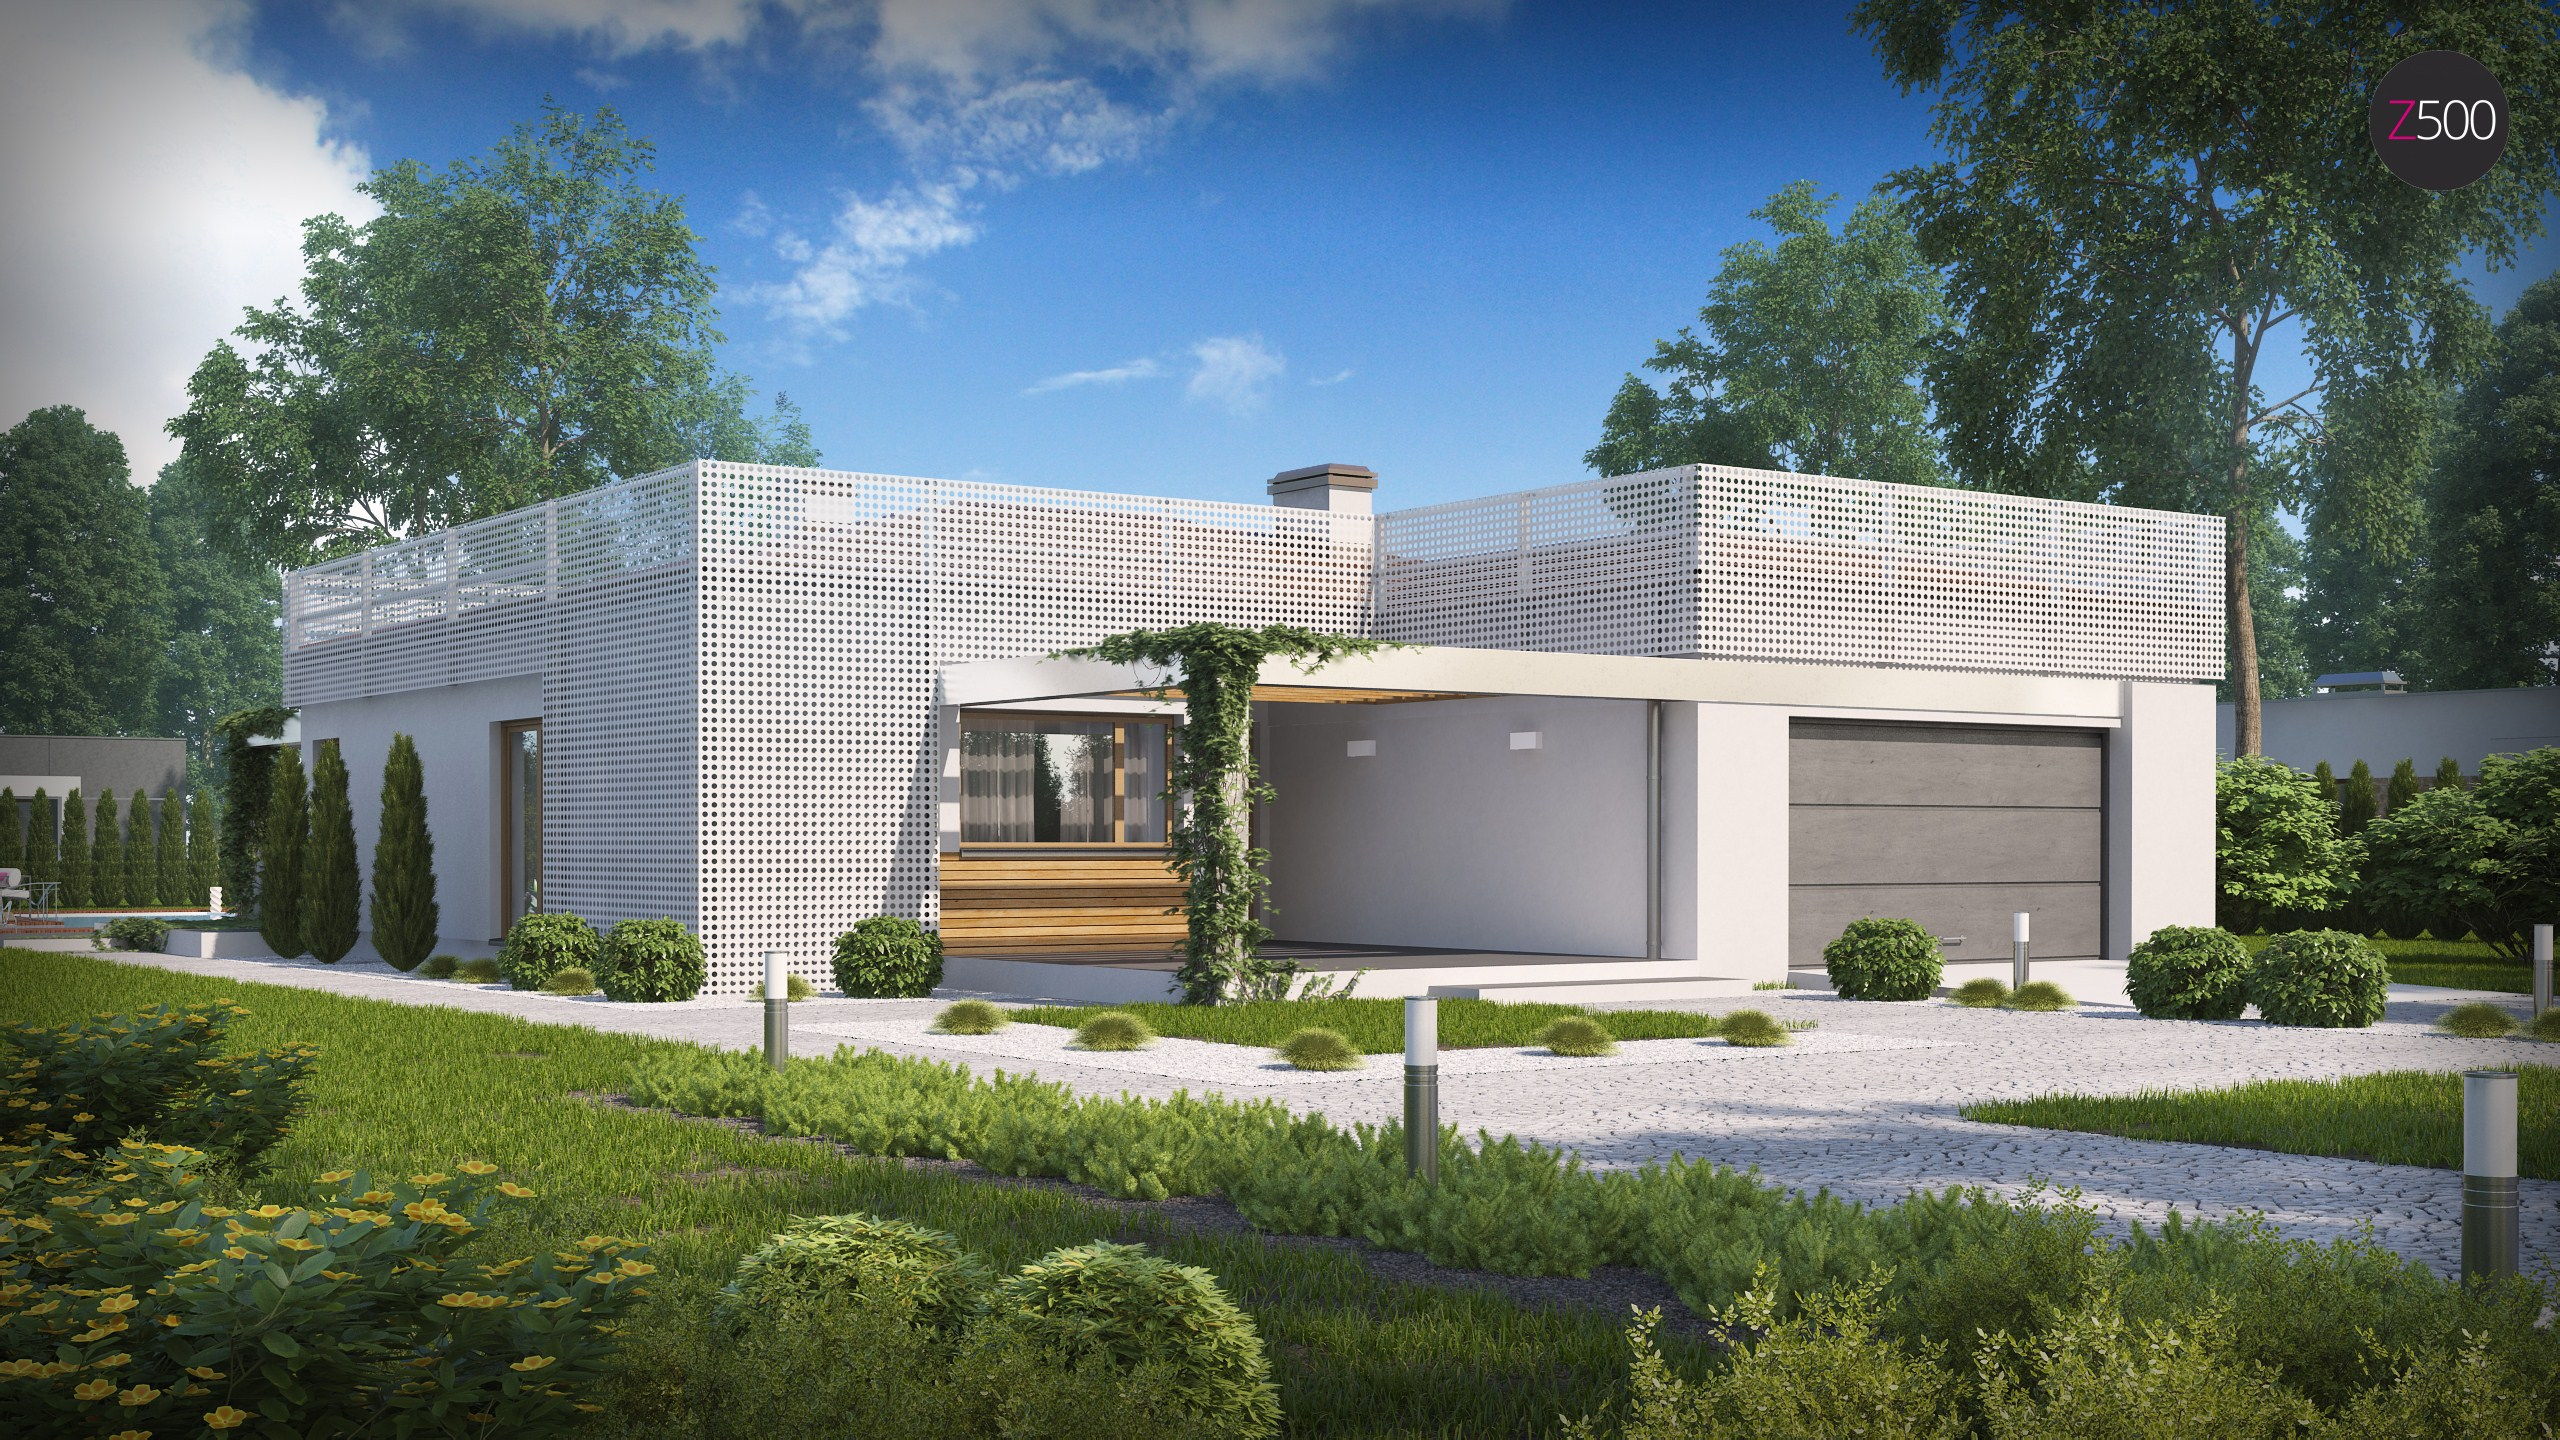 проект дома Zx100_v1